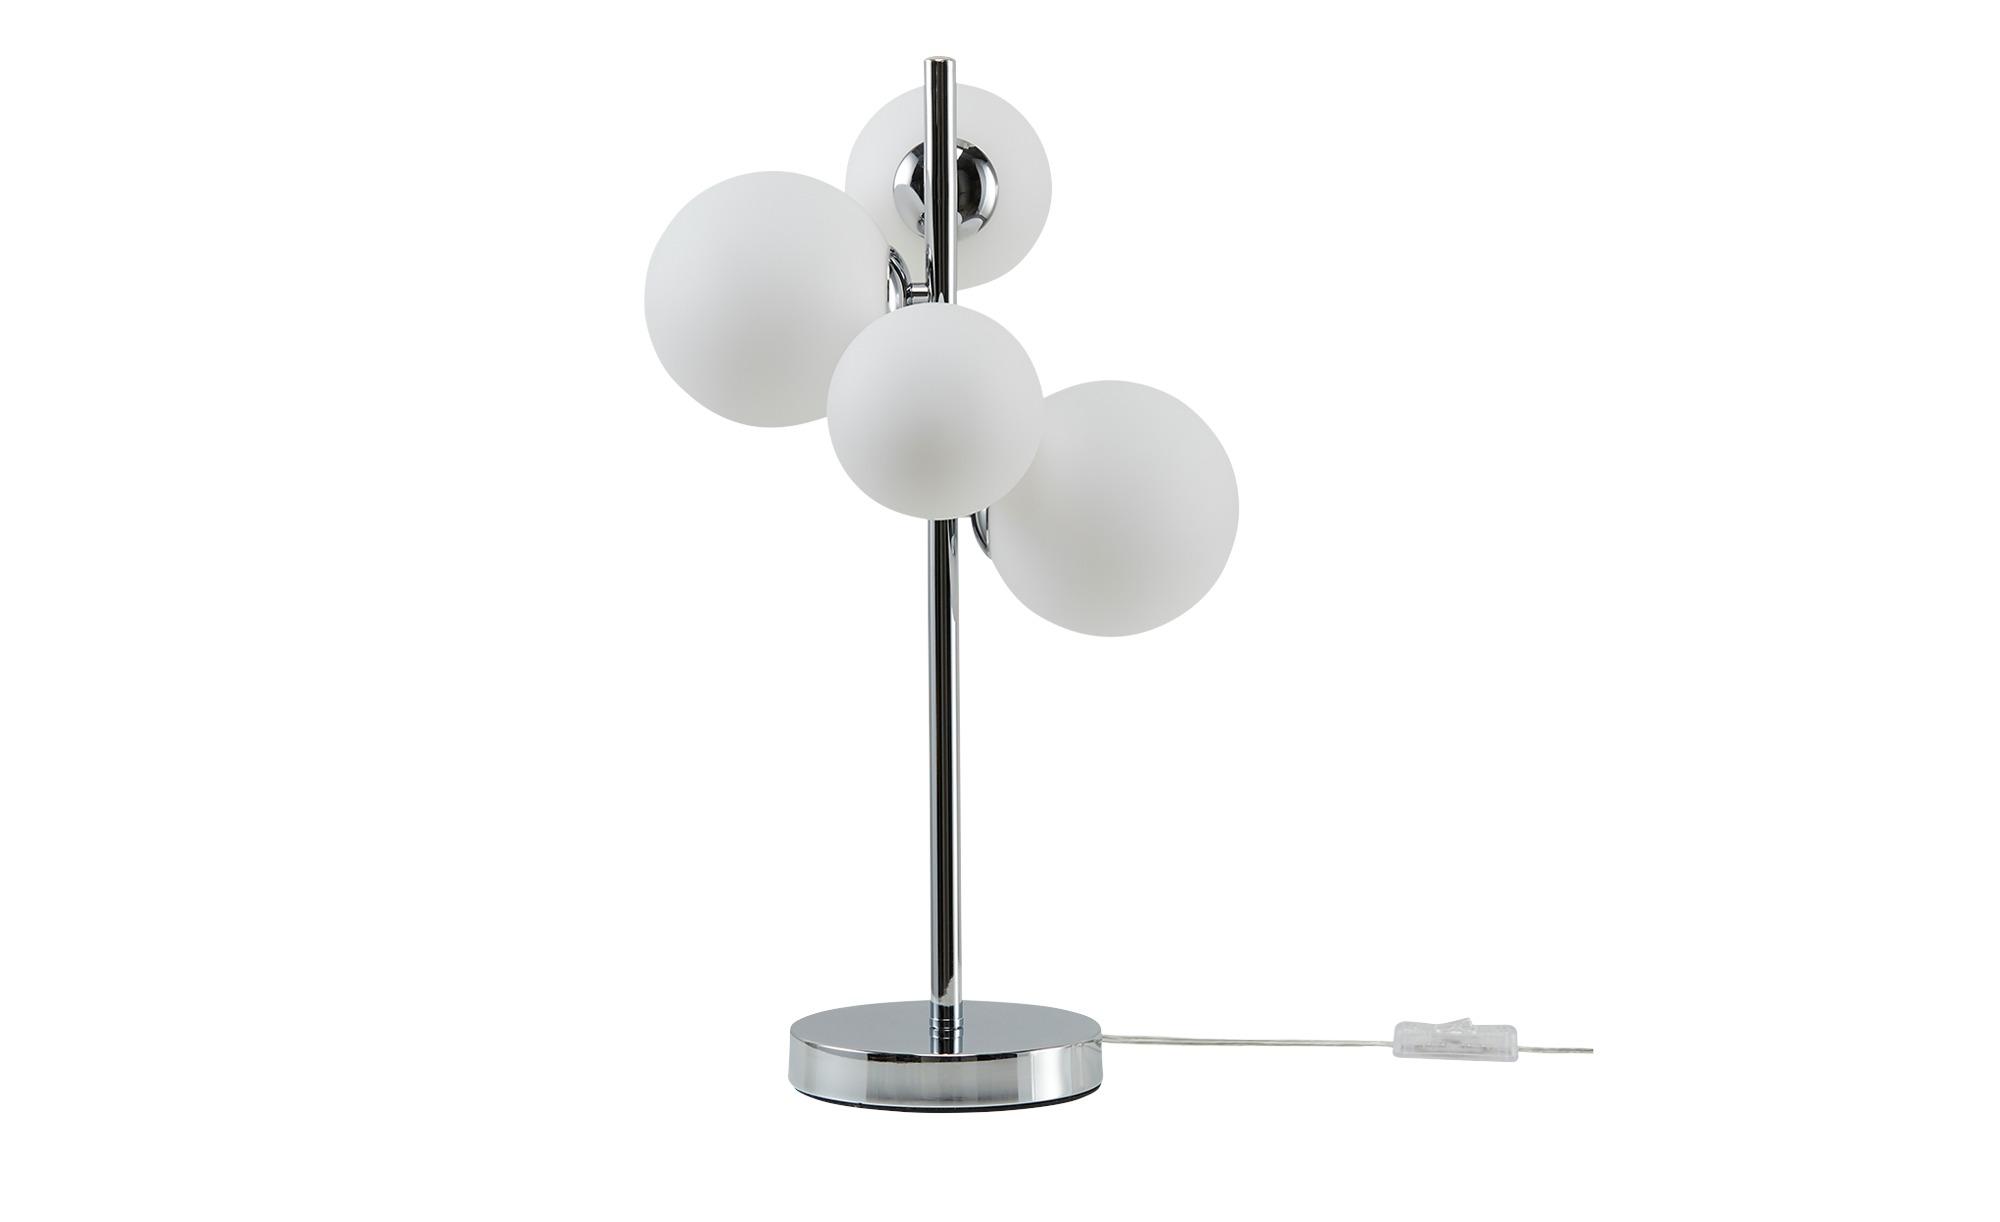 Meisterleuchten Tischleuchte, 3-flammig, mit Glaskugeln ¦ silber ¦ Maße (cm): B: 27,5 H: 48 Lampen & Leuchten > Innenleuchten > Tischlampen - Höffner